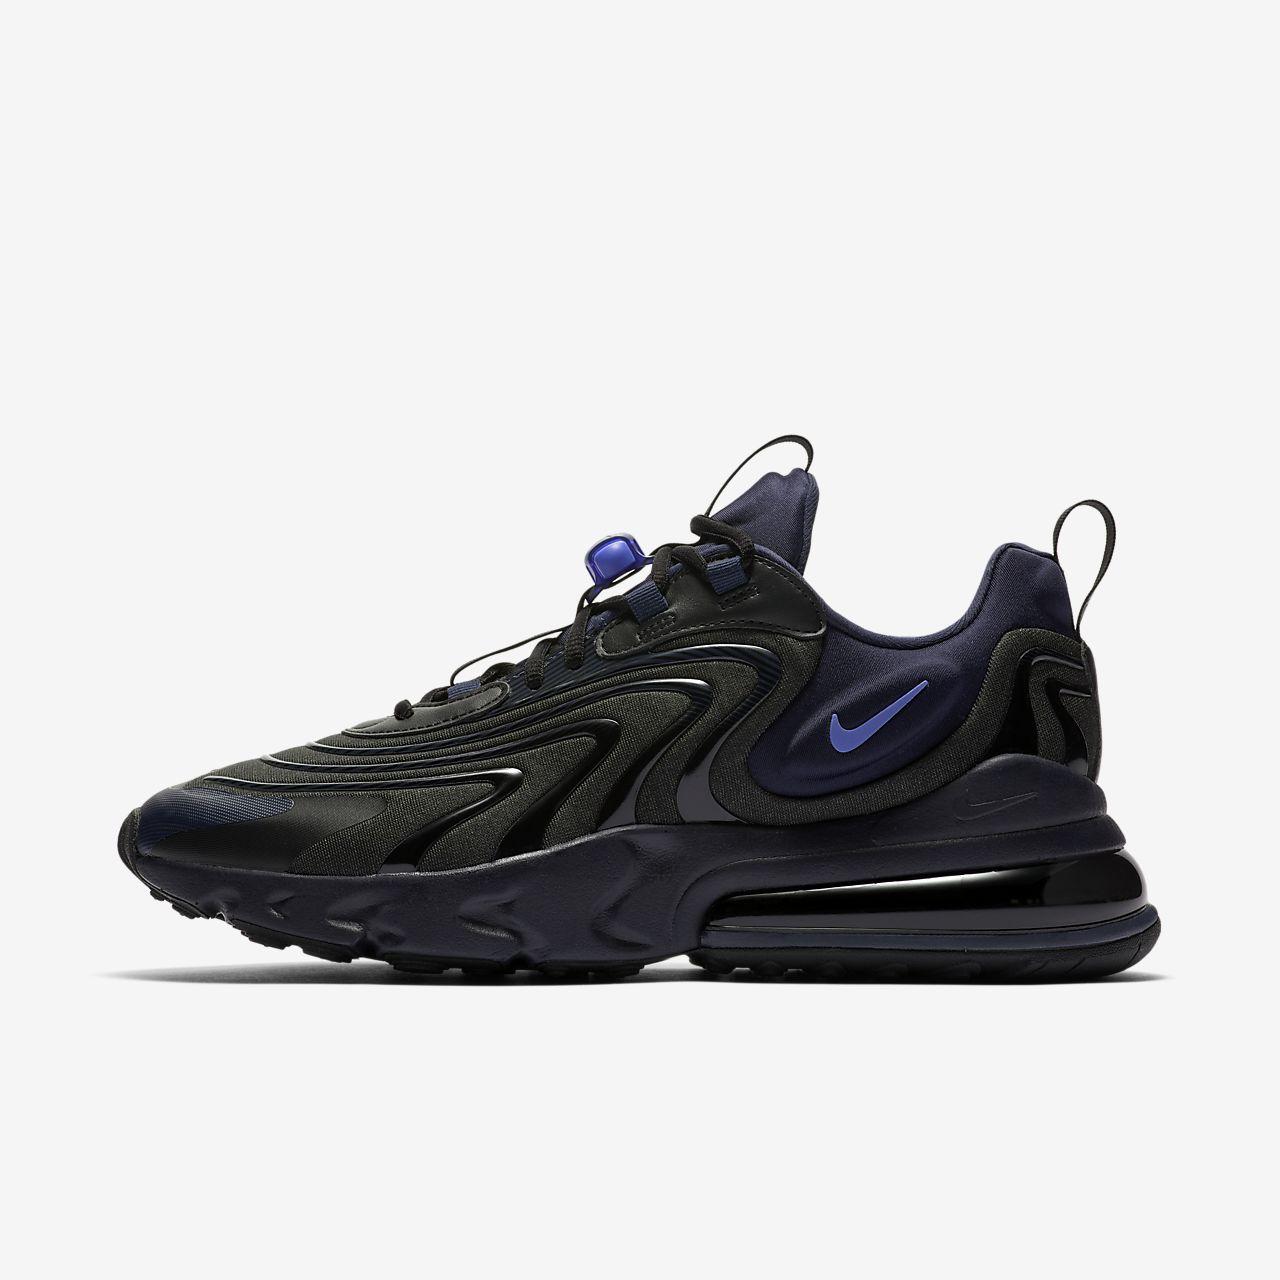 Pánská bota Nike Air Max 270 React ENG